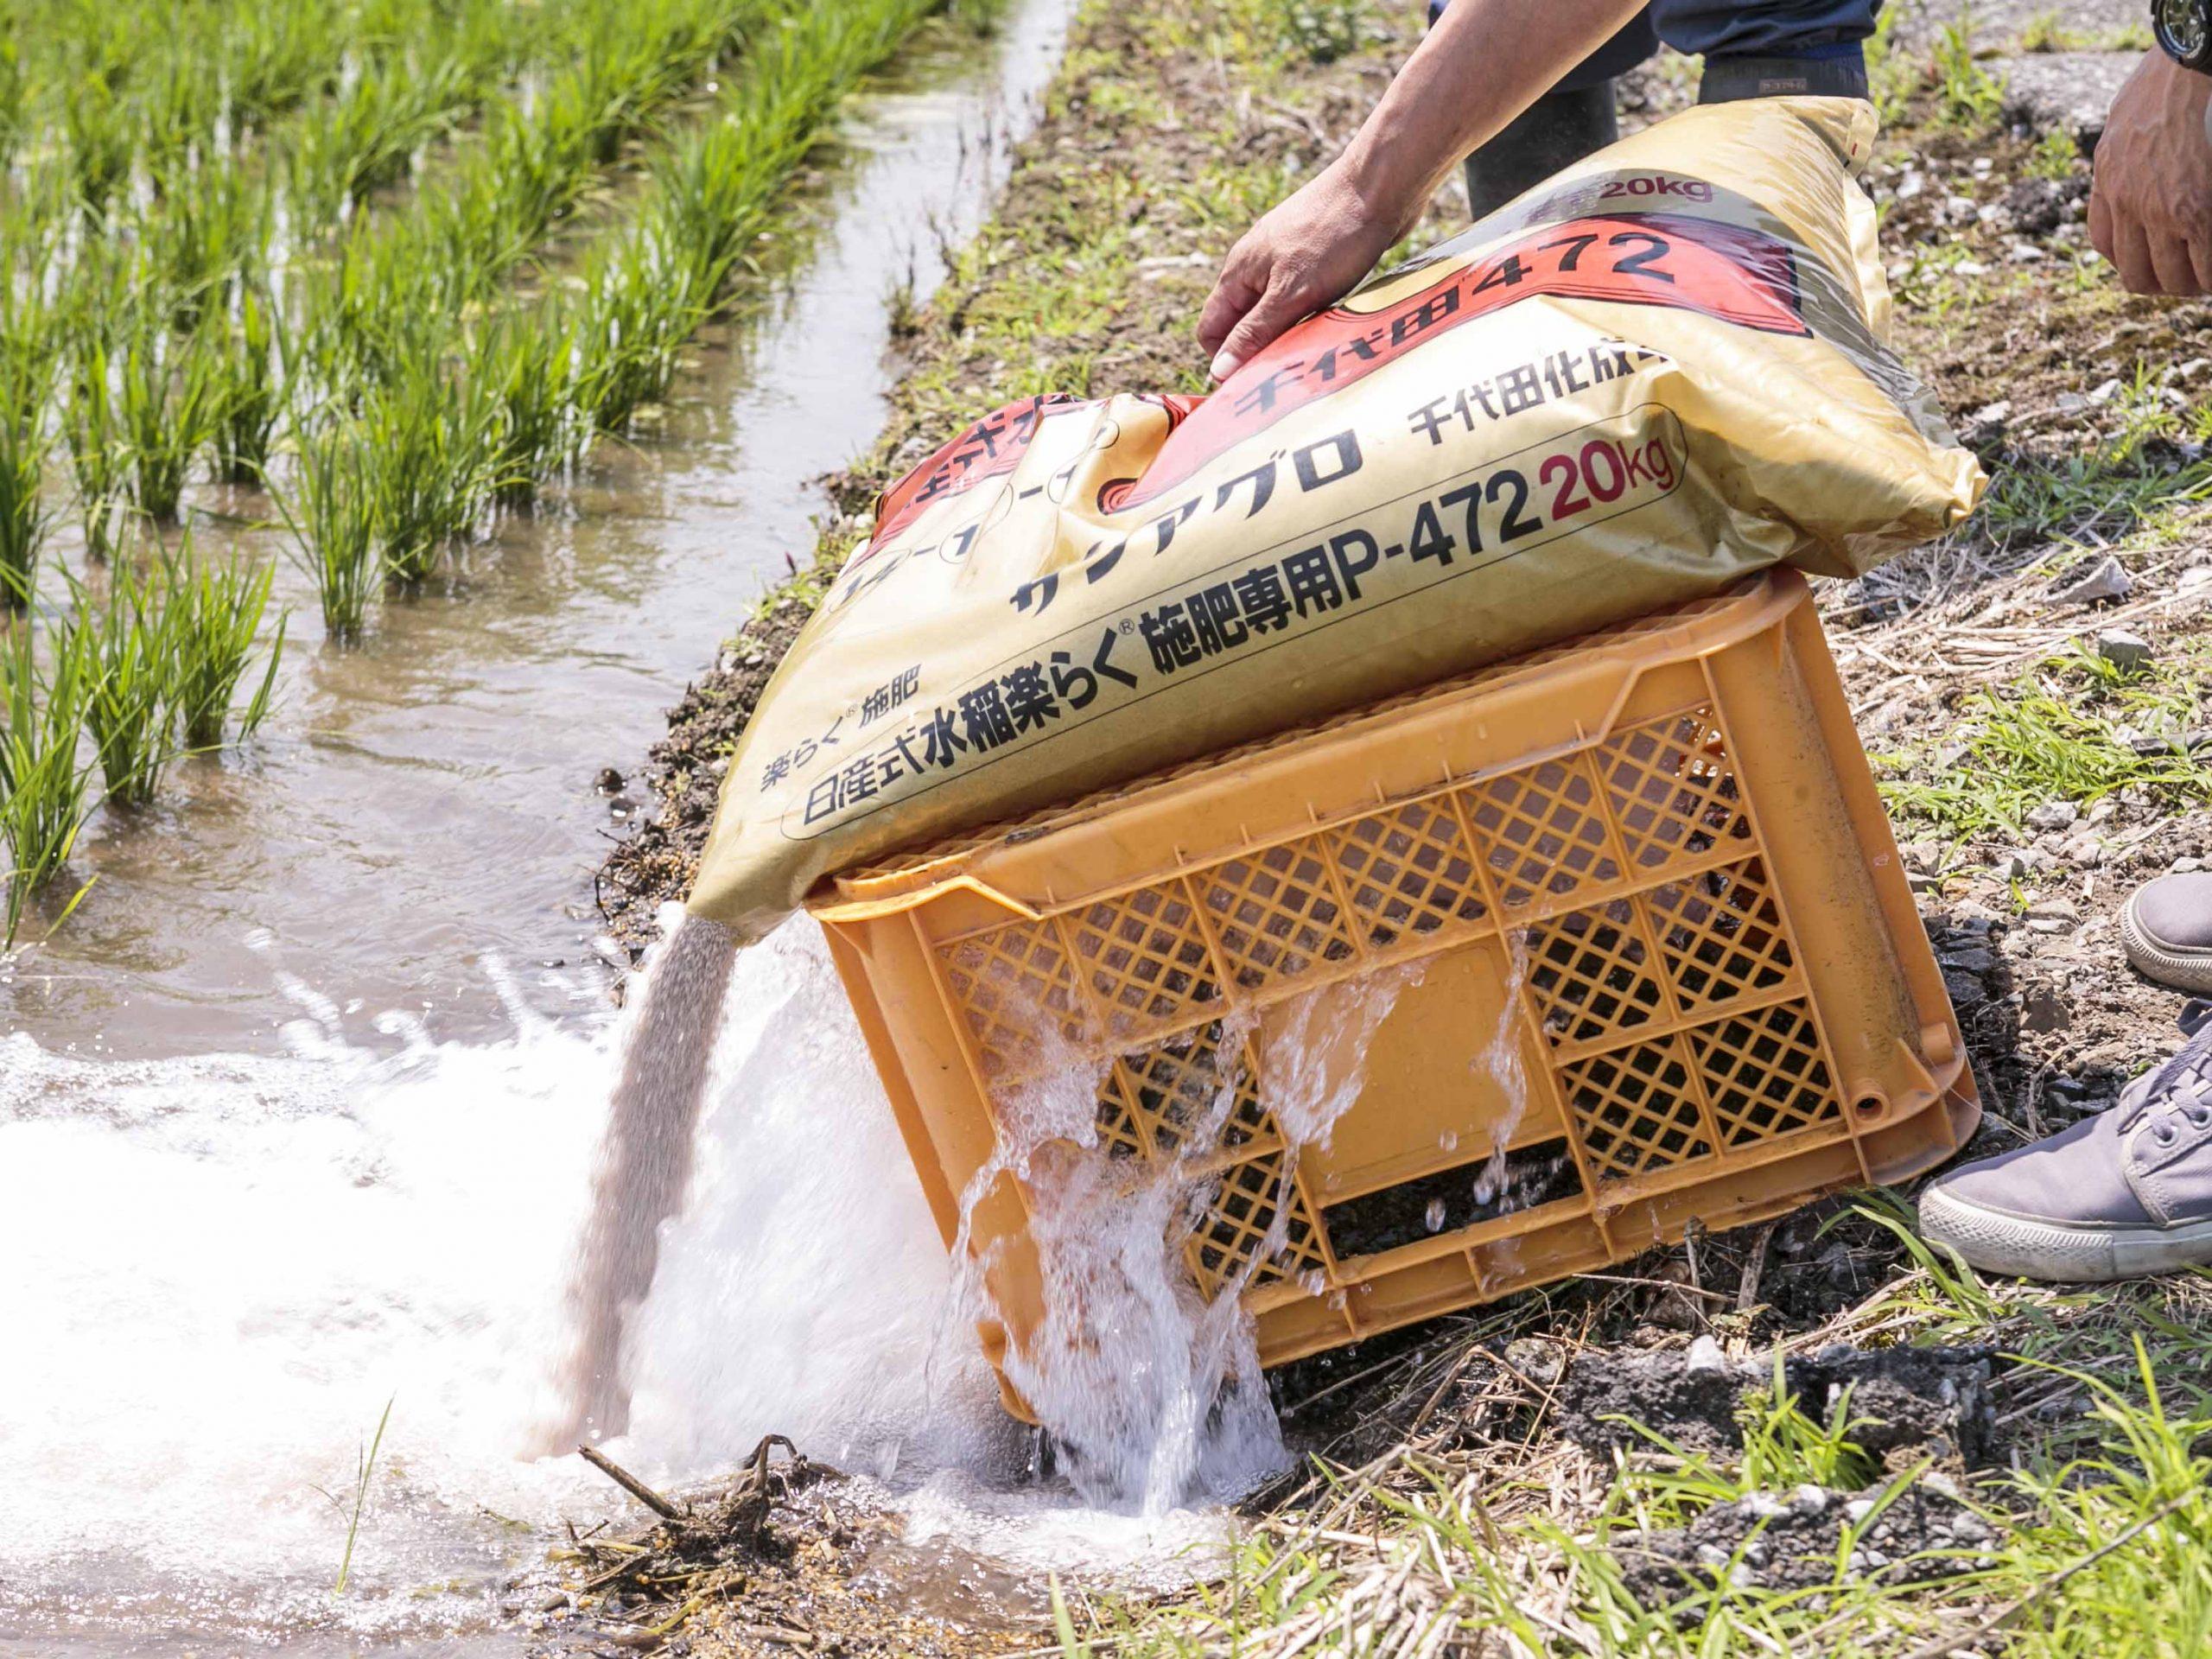 穂肥作業を省力化して収量UP! 水口から流し込むだけの『らくらく施肥法』とは?